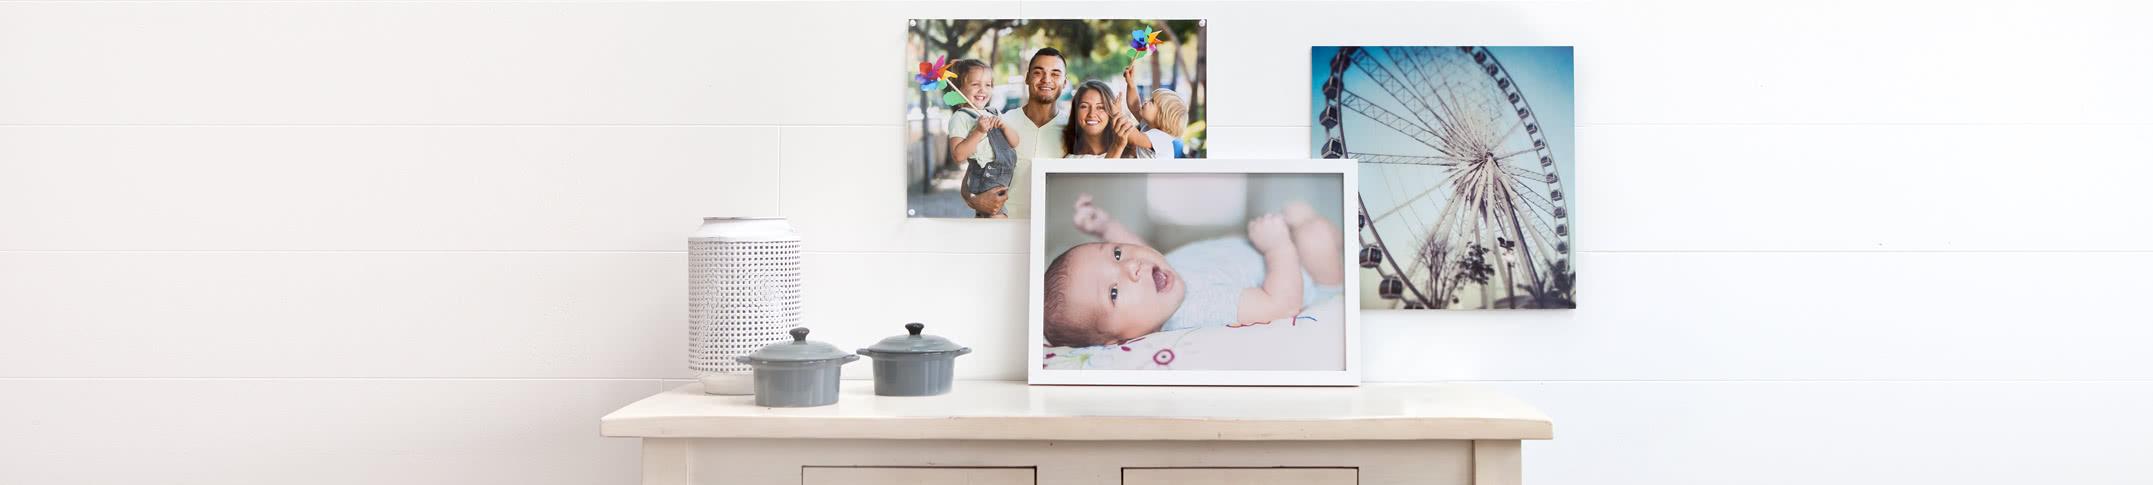 Väggdekoration med fotopapper - Gör fin väggkonst på fotopapper av hög kvalitet